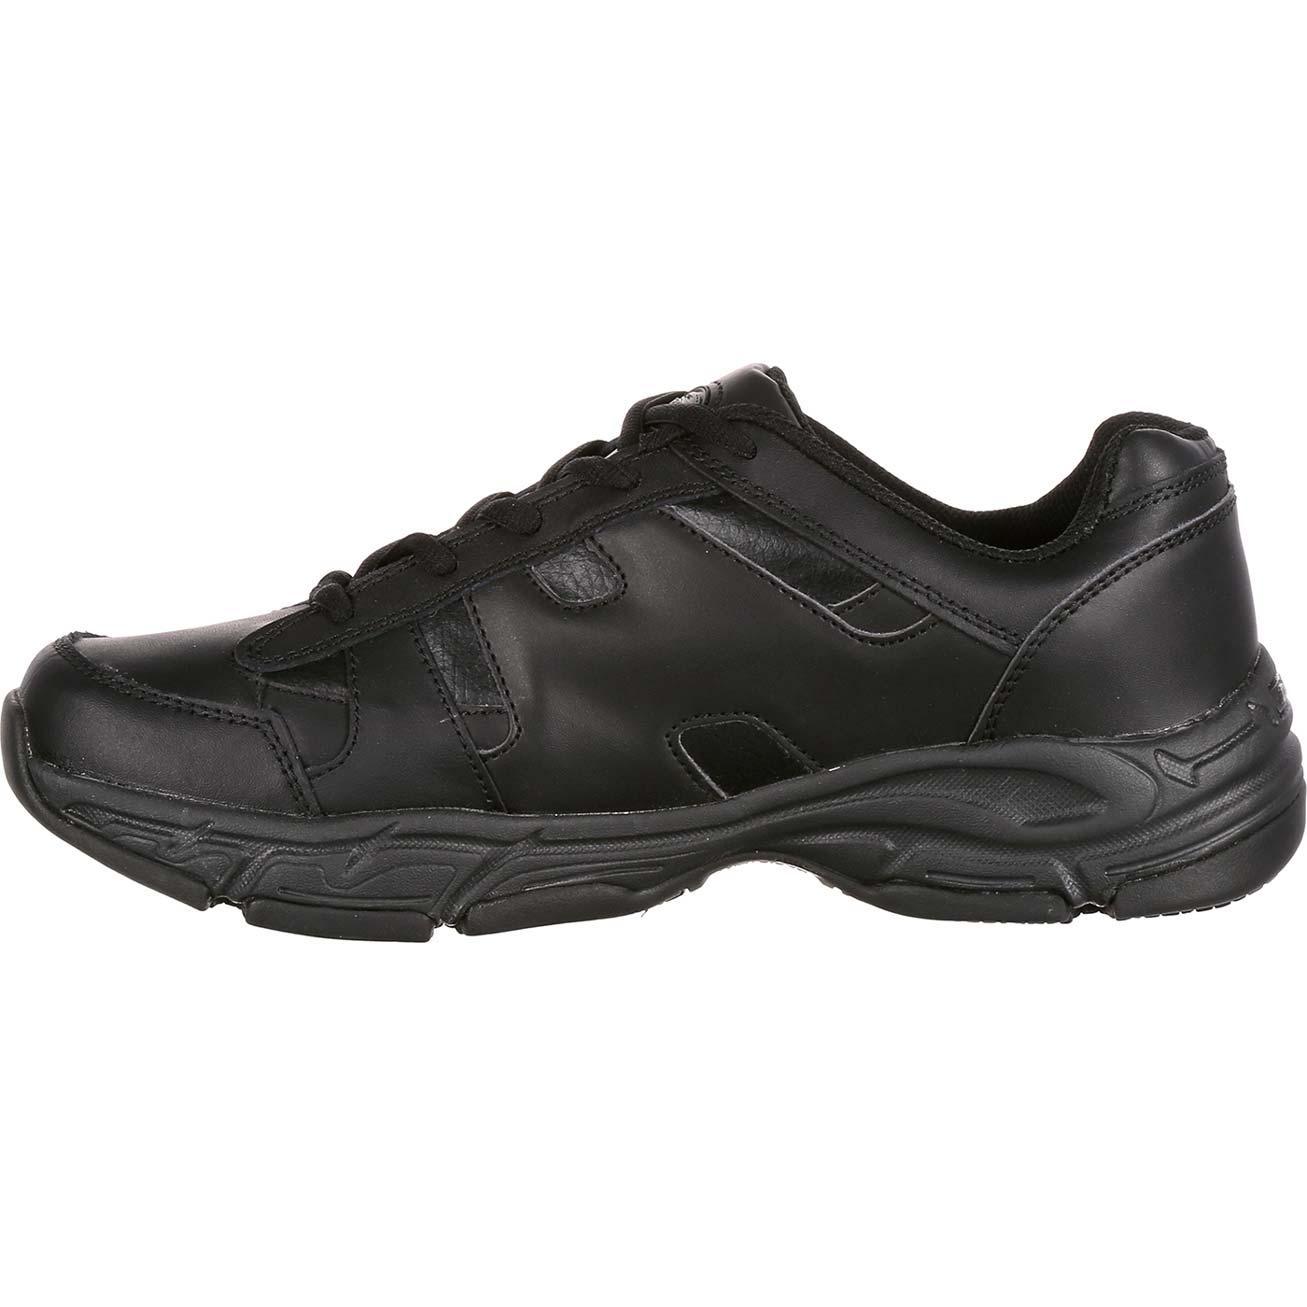 Dickies Men S Athletic Slip On Safety Work Shoe Black